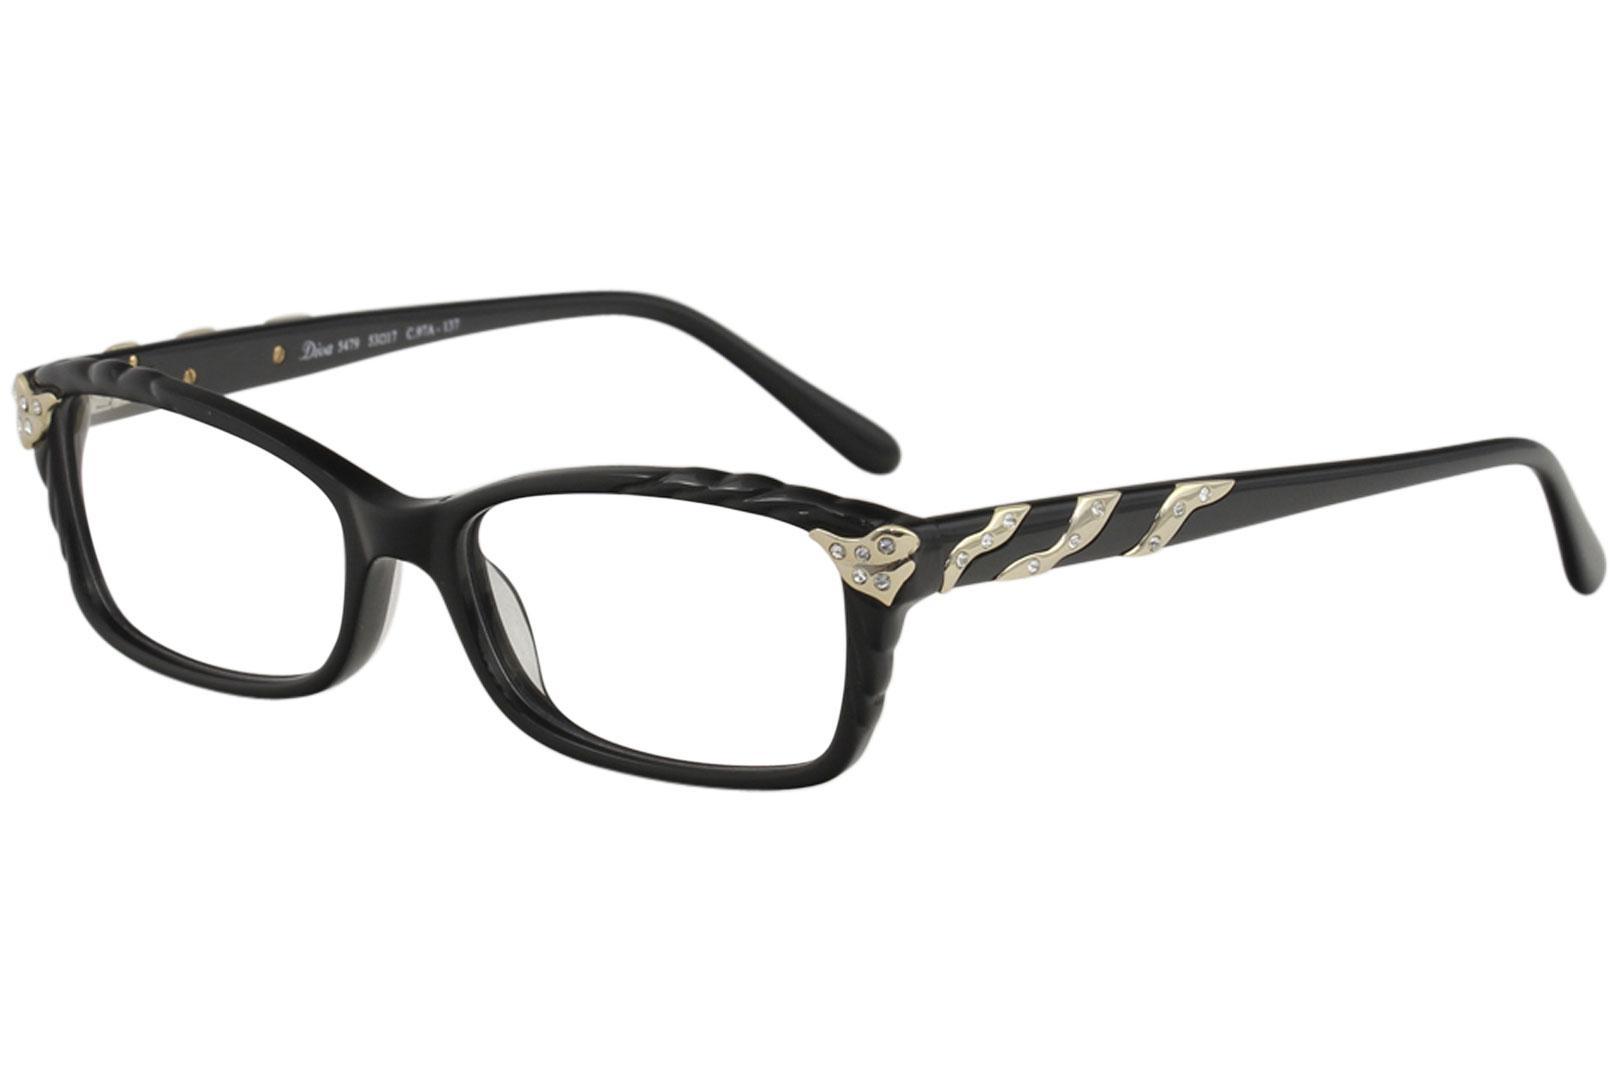 504432447da Diva Women s Eyeglasses 5479 Full Rim Optical Frame